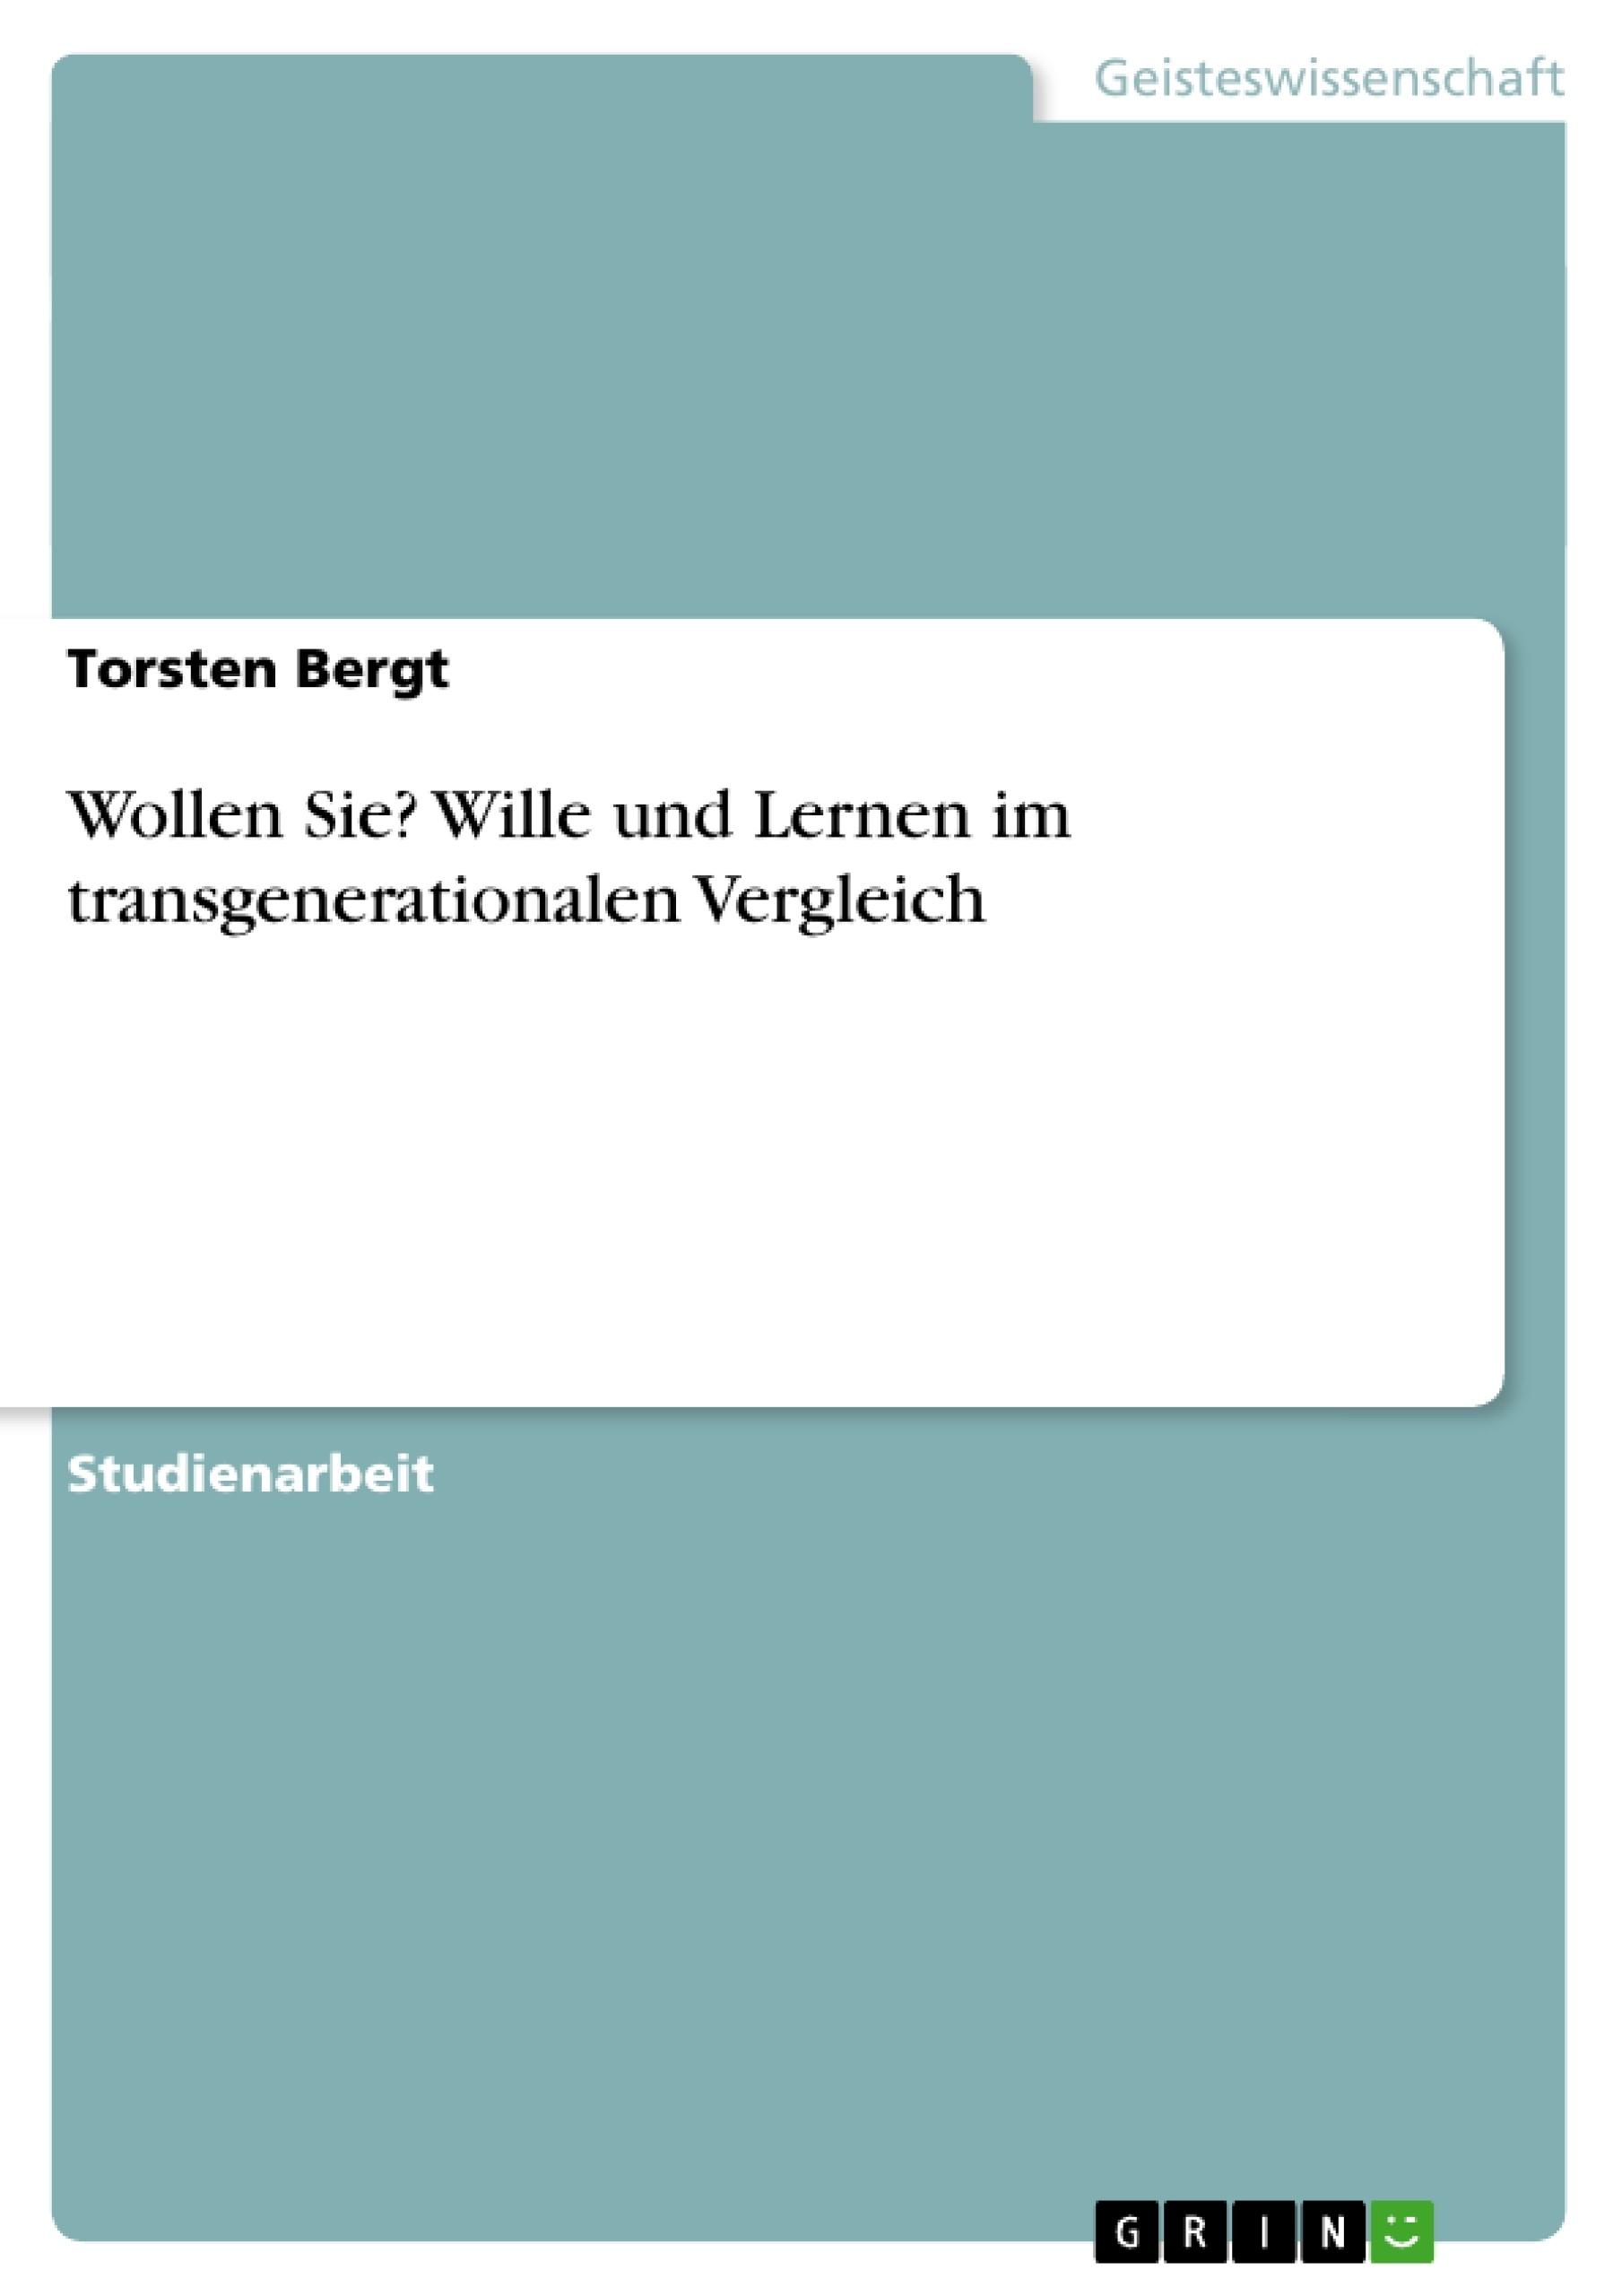 Titel: Wollen Sie? Wille und Lernen im transgenerationalen Vergleich